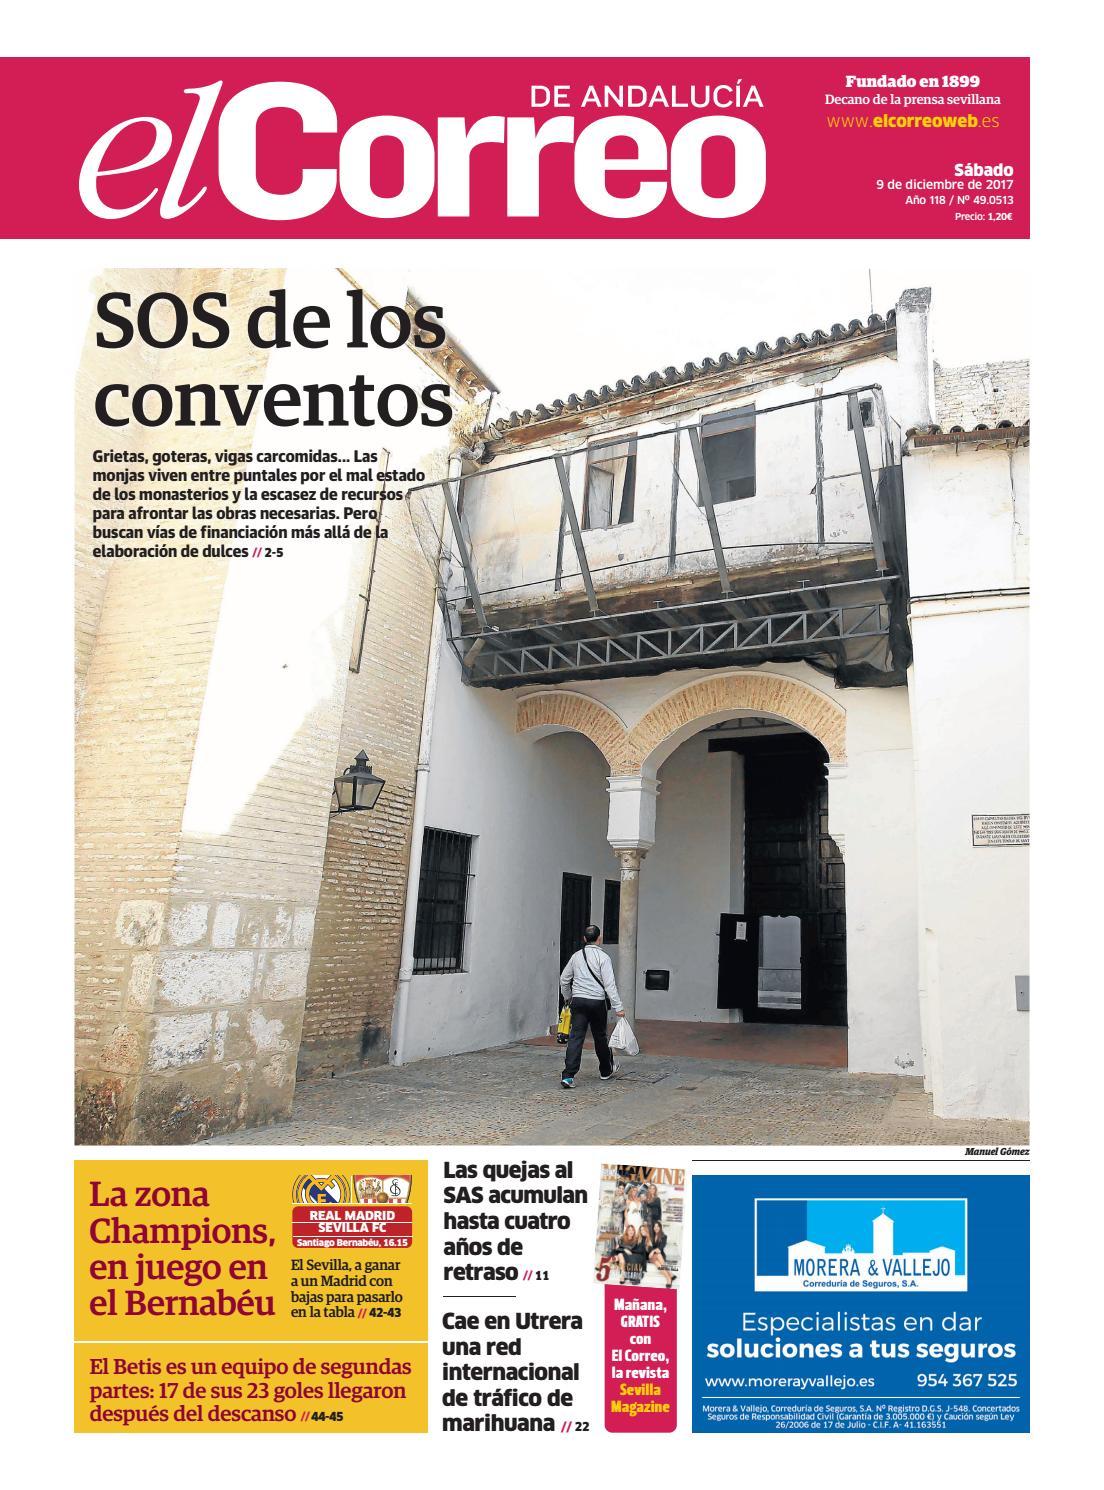 09.12.2017 El Correo de Andalucía by EL CORREO DE ANDALUCÍA S.L. - issuu